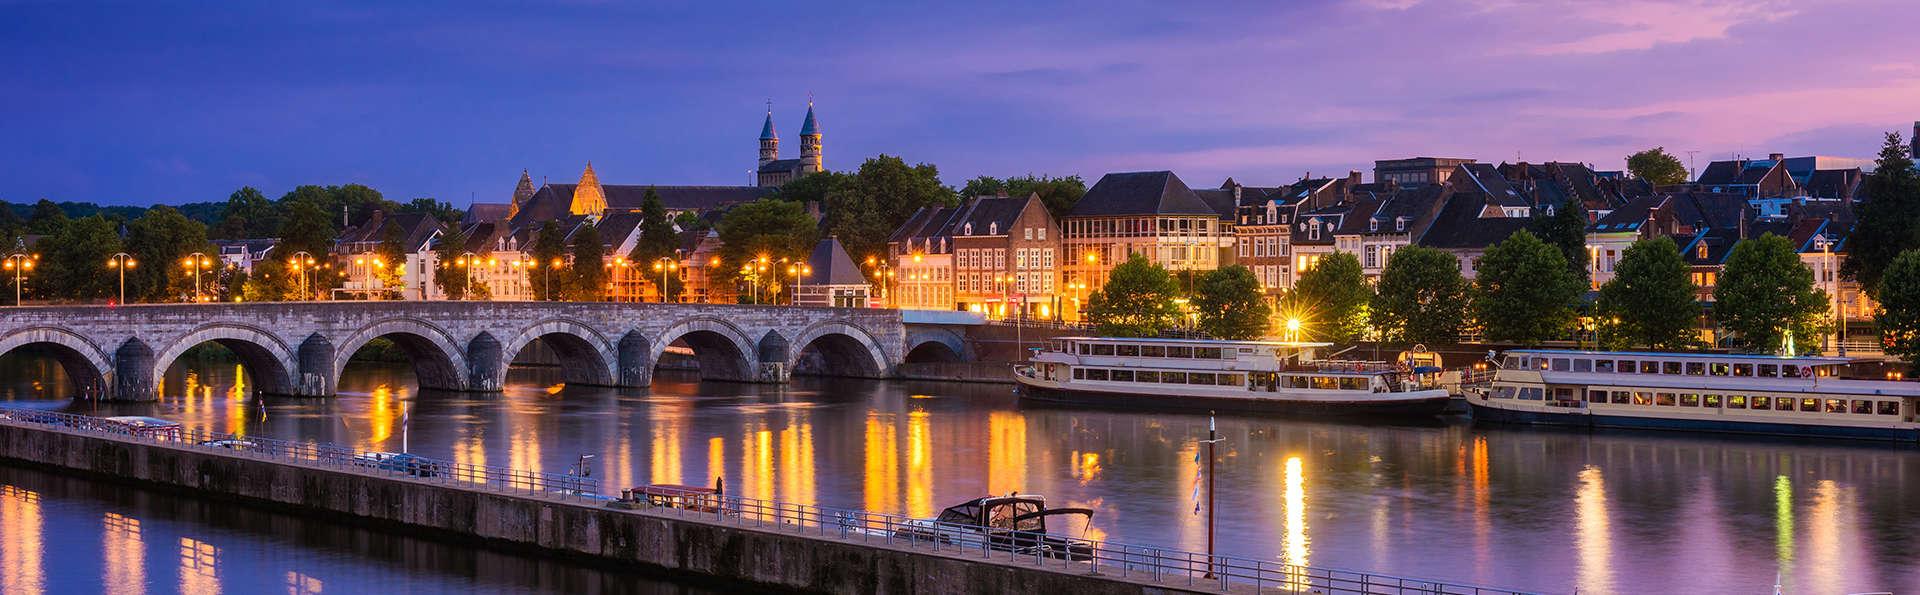 Bastion Hotel Maastricht - Centrum - Edit_Maastricht2.jpg